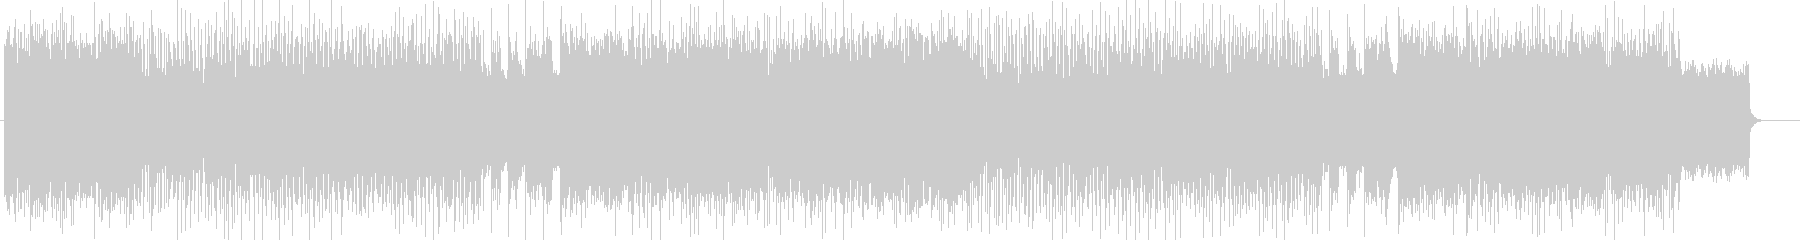 疾走感、勢いのあるハード曲 BGM263の未再生の波形